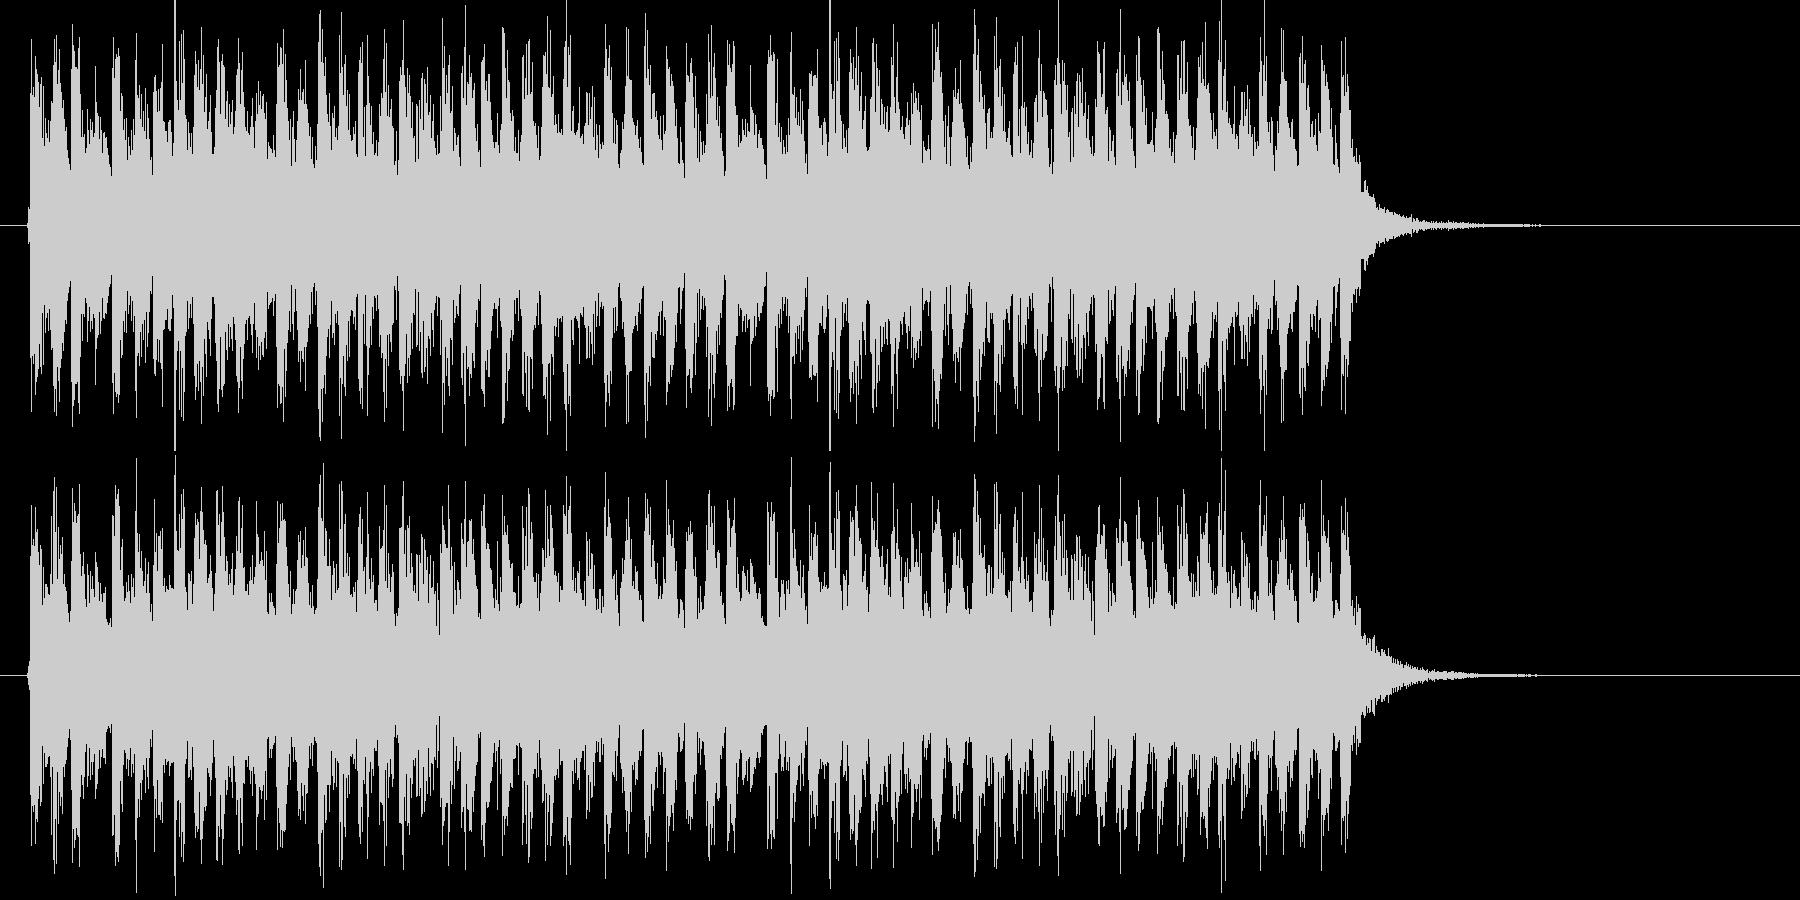 爽快感のある明るい音楽の未再生の波形